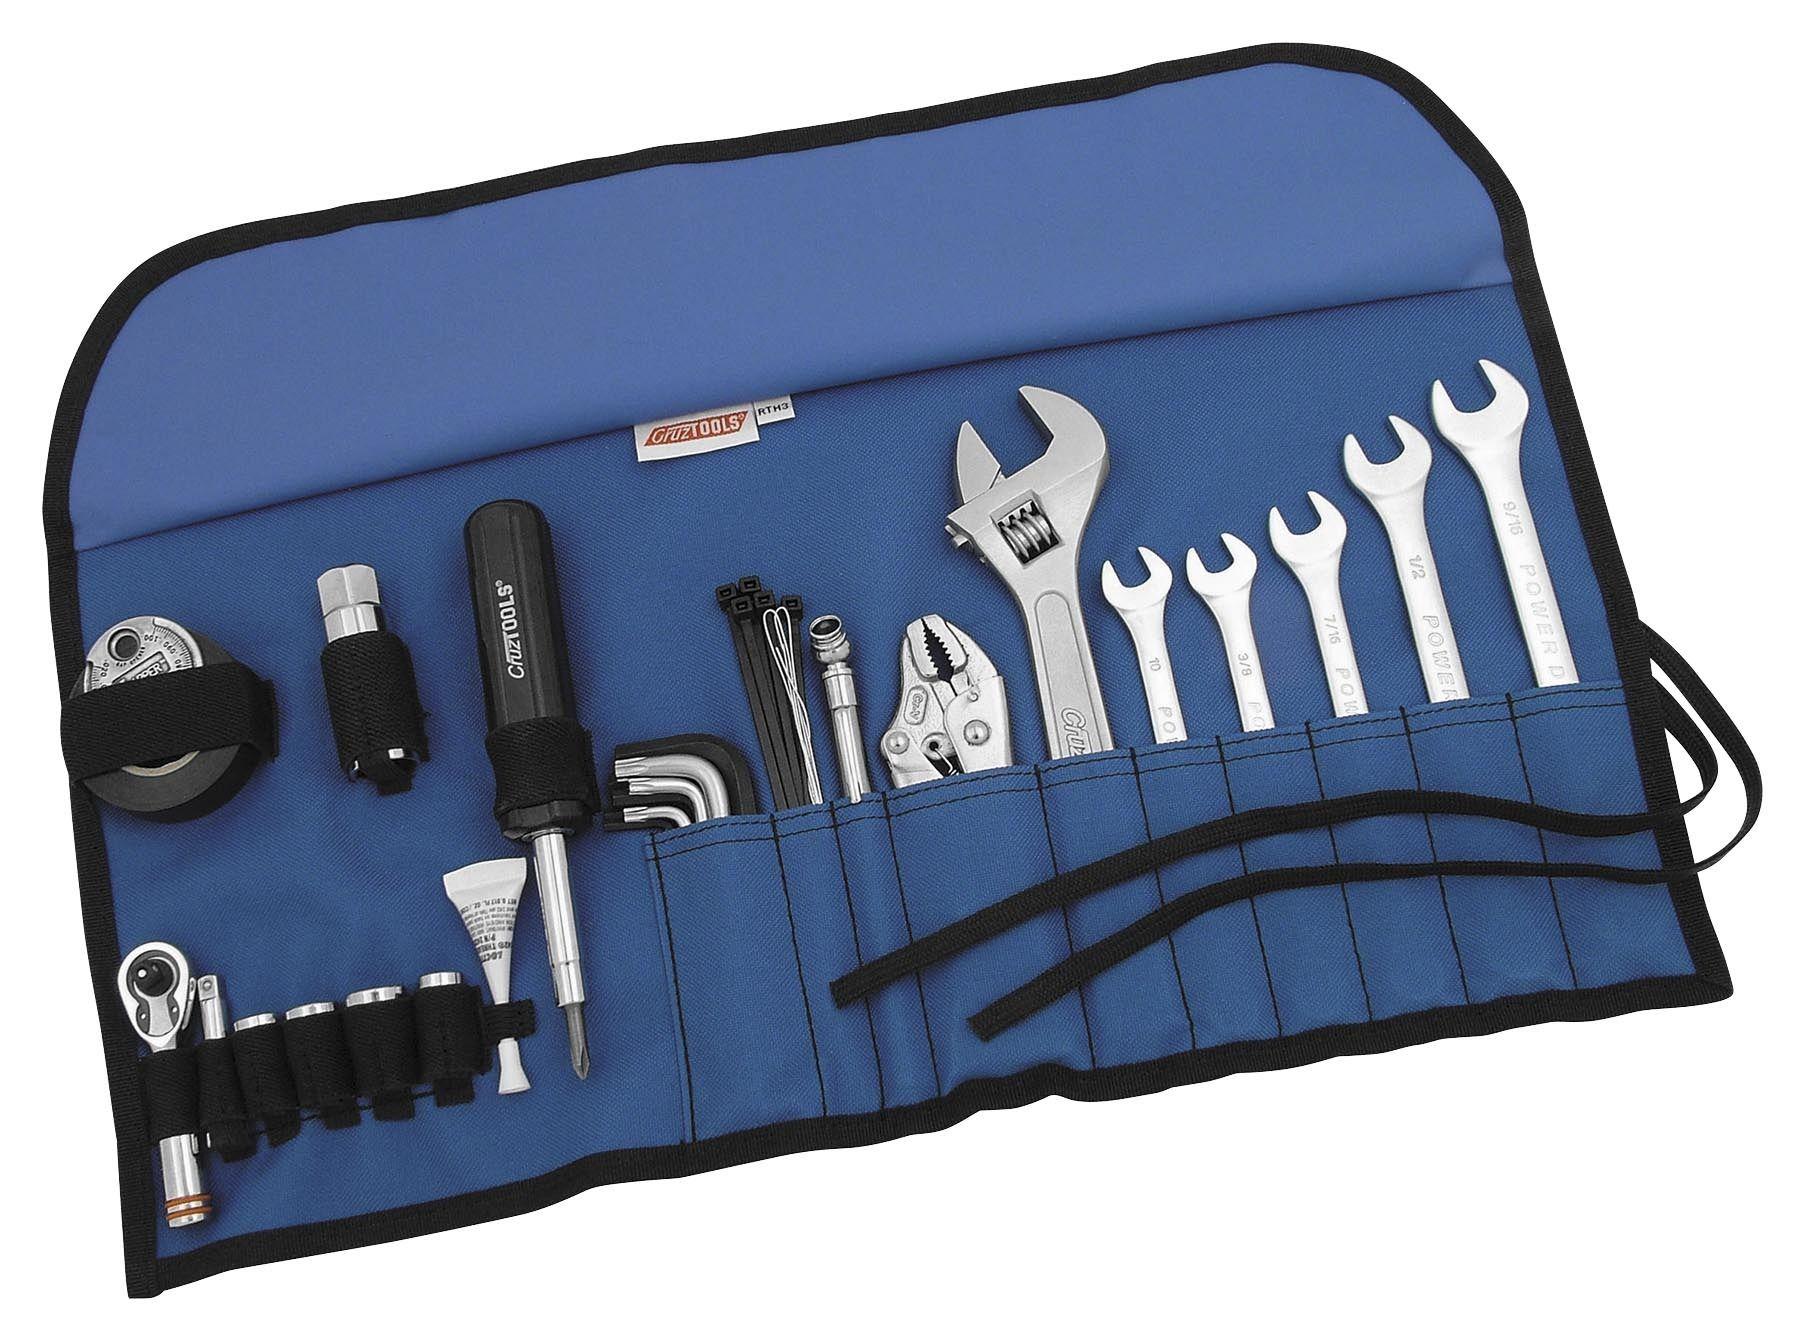 Harley Davidson Flh Tool Kit